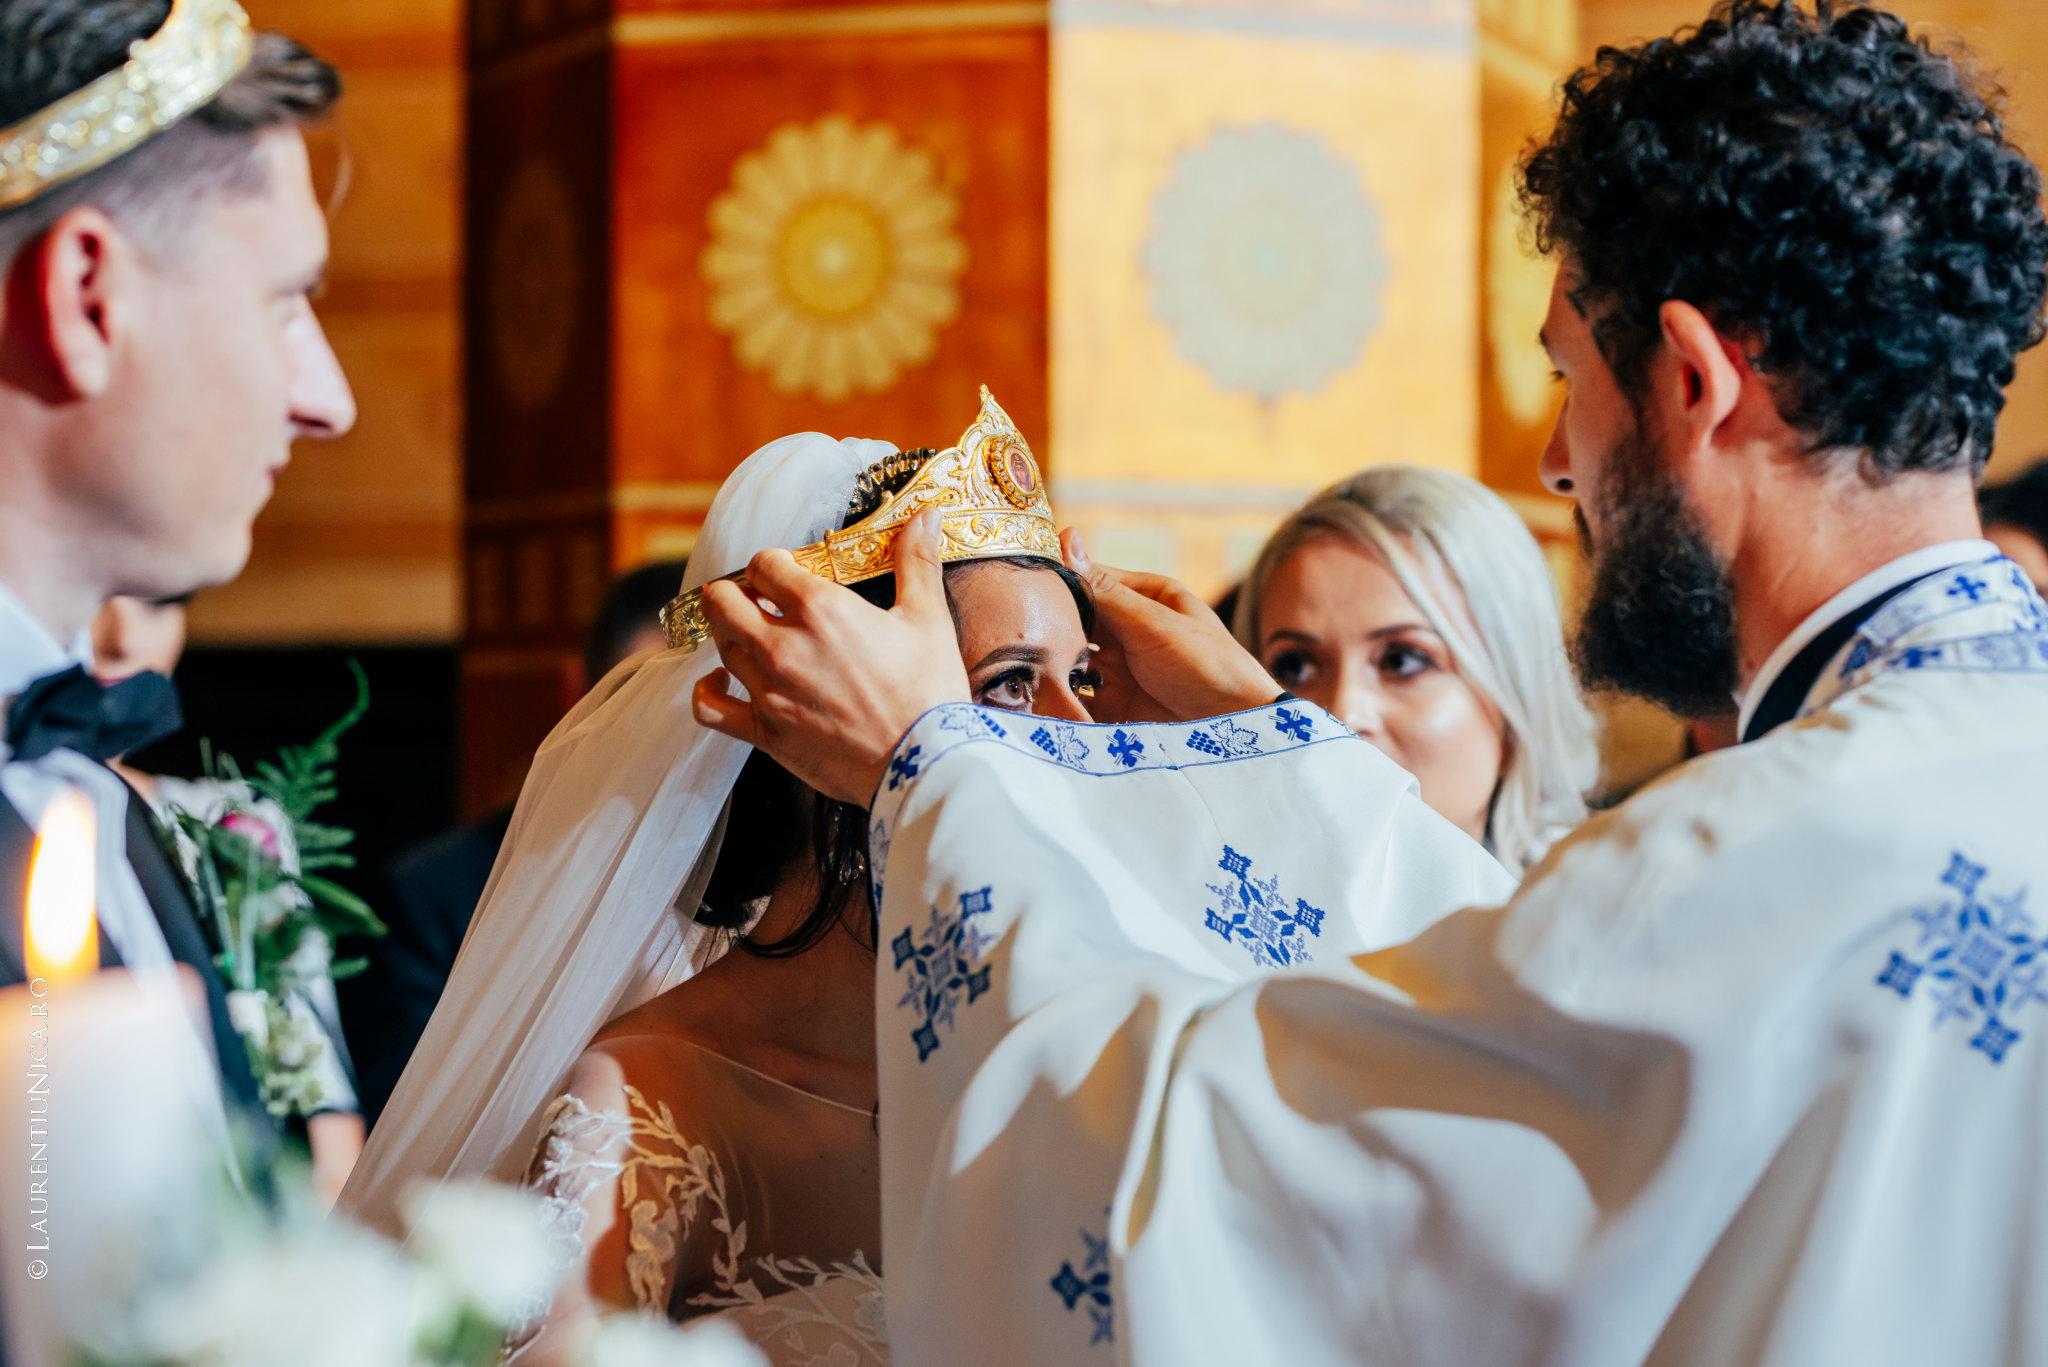 fotografii nunta denisa si florin craiova 25 - Denisa & Florin | Fotografii nunta | Craiova